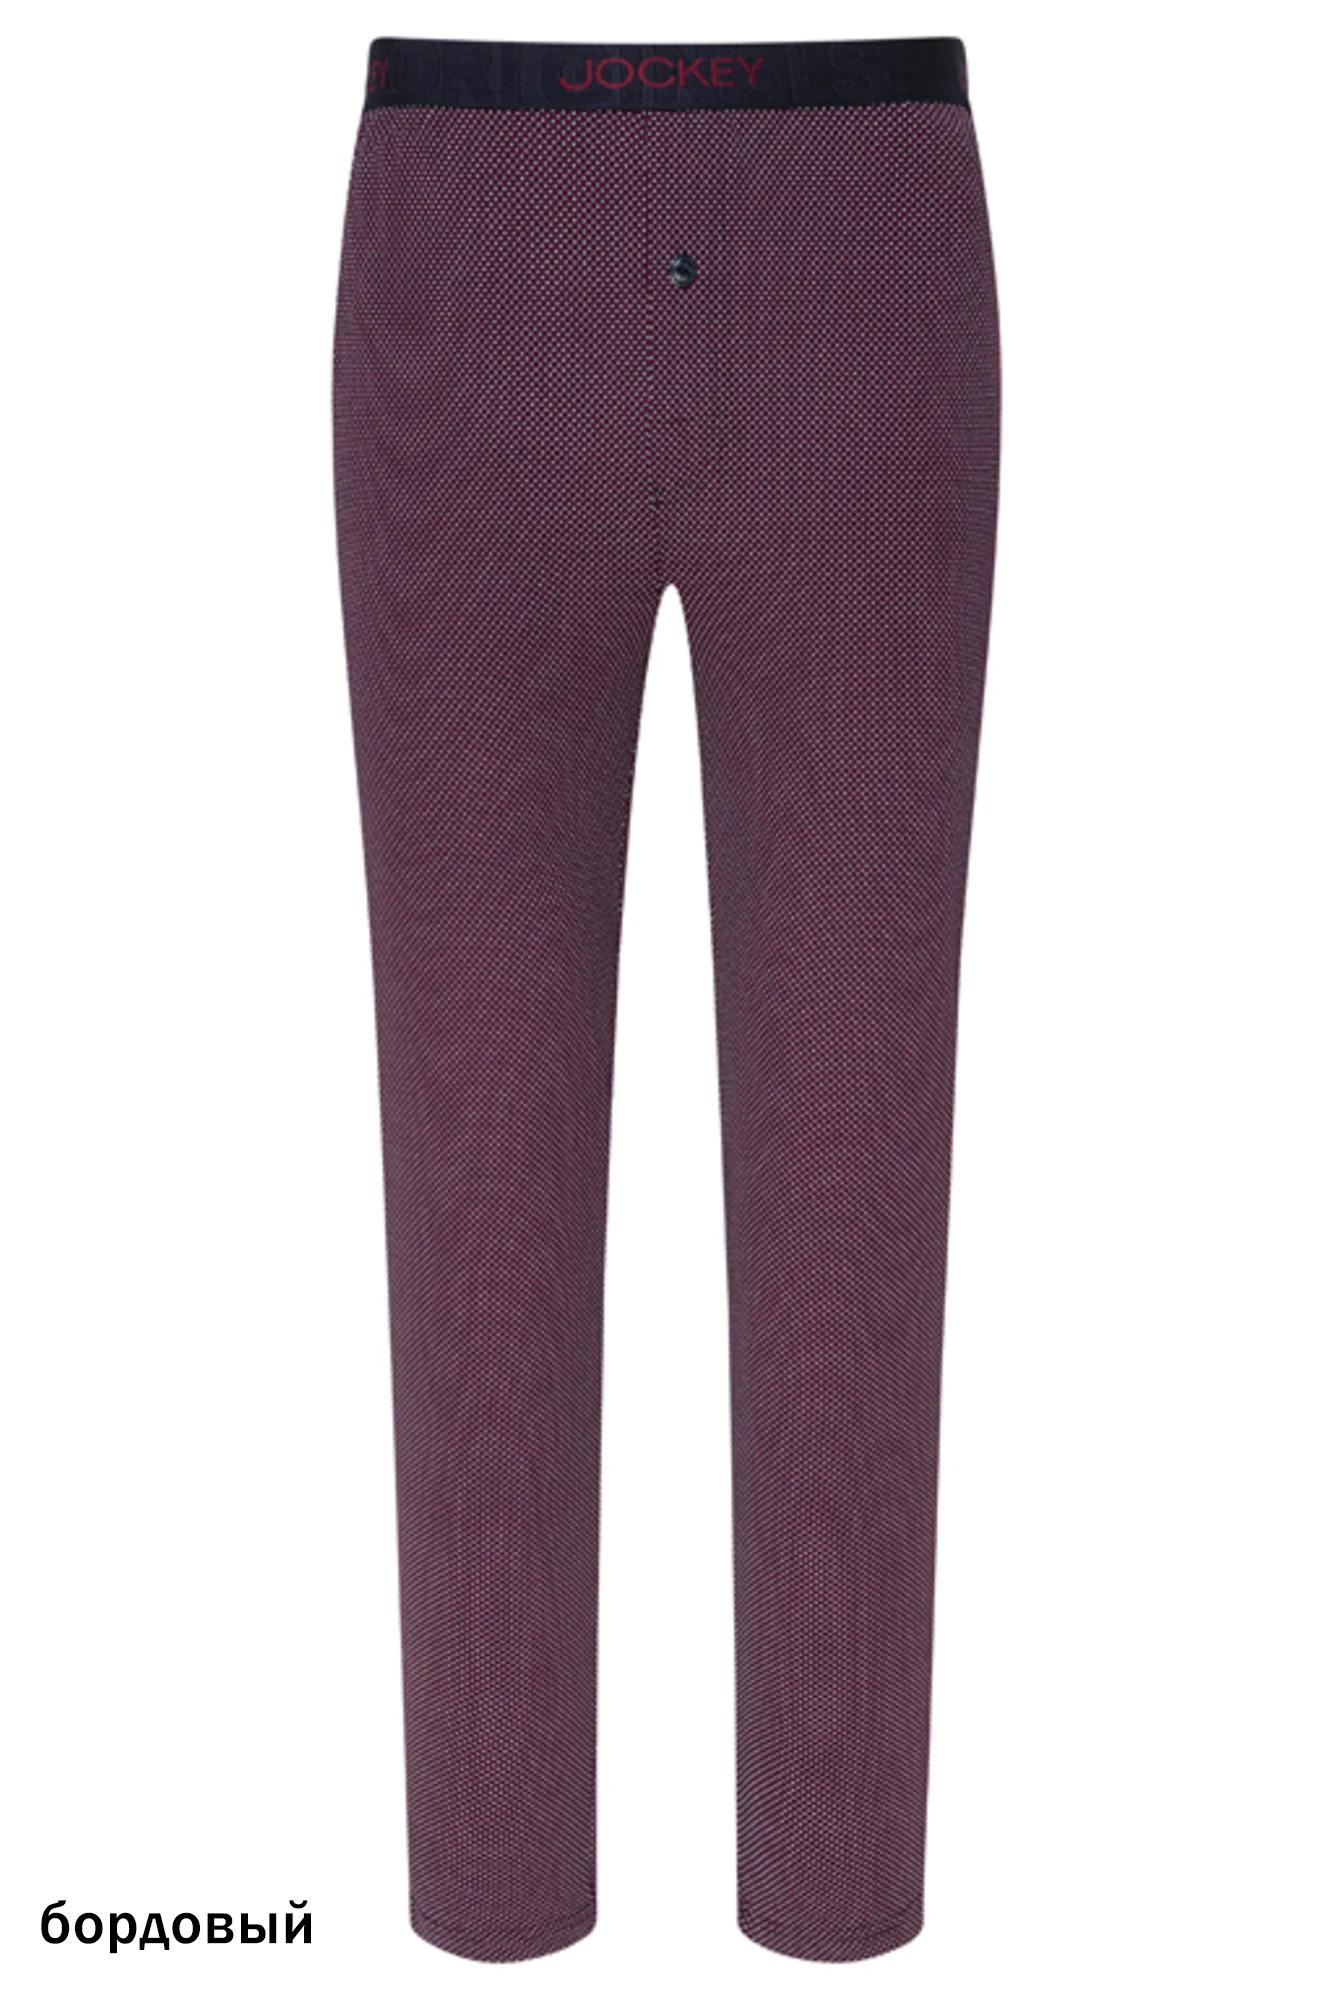 Мужские трикотажные брюки 500756H бордовый Jockey